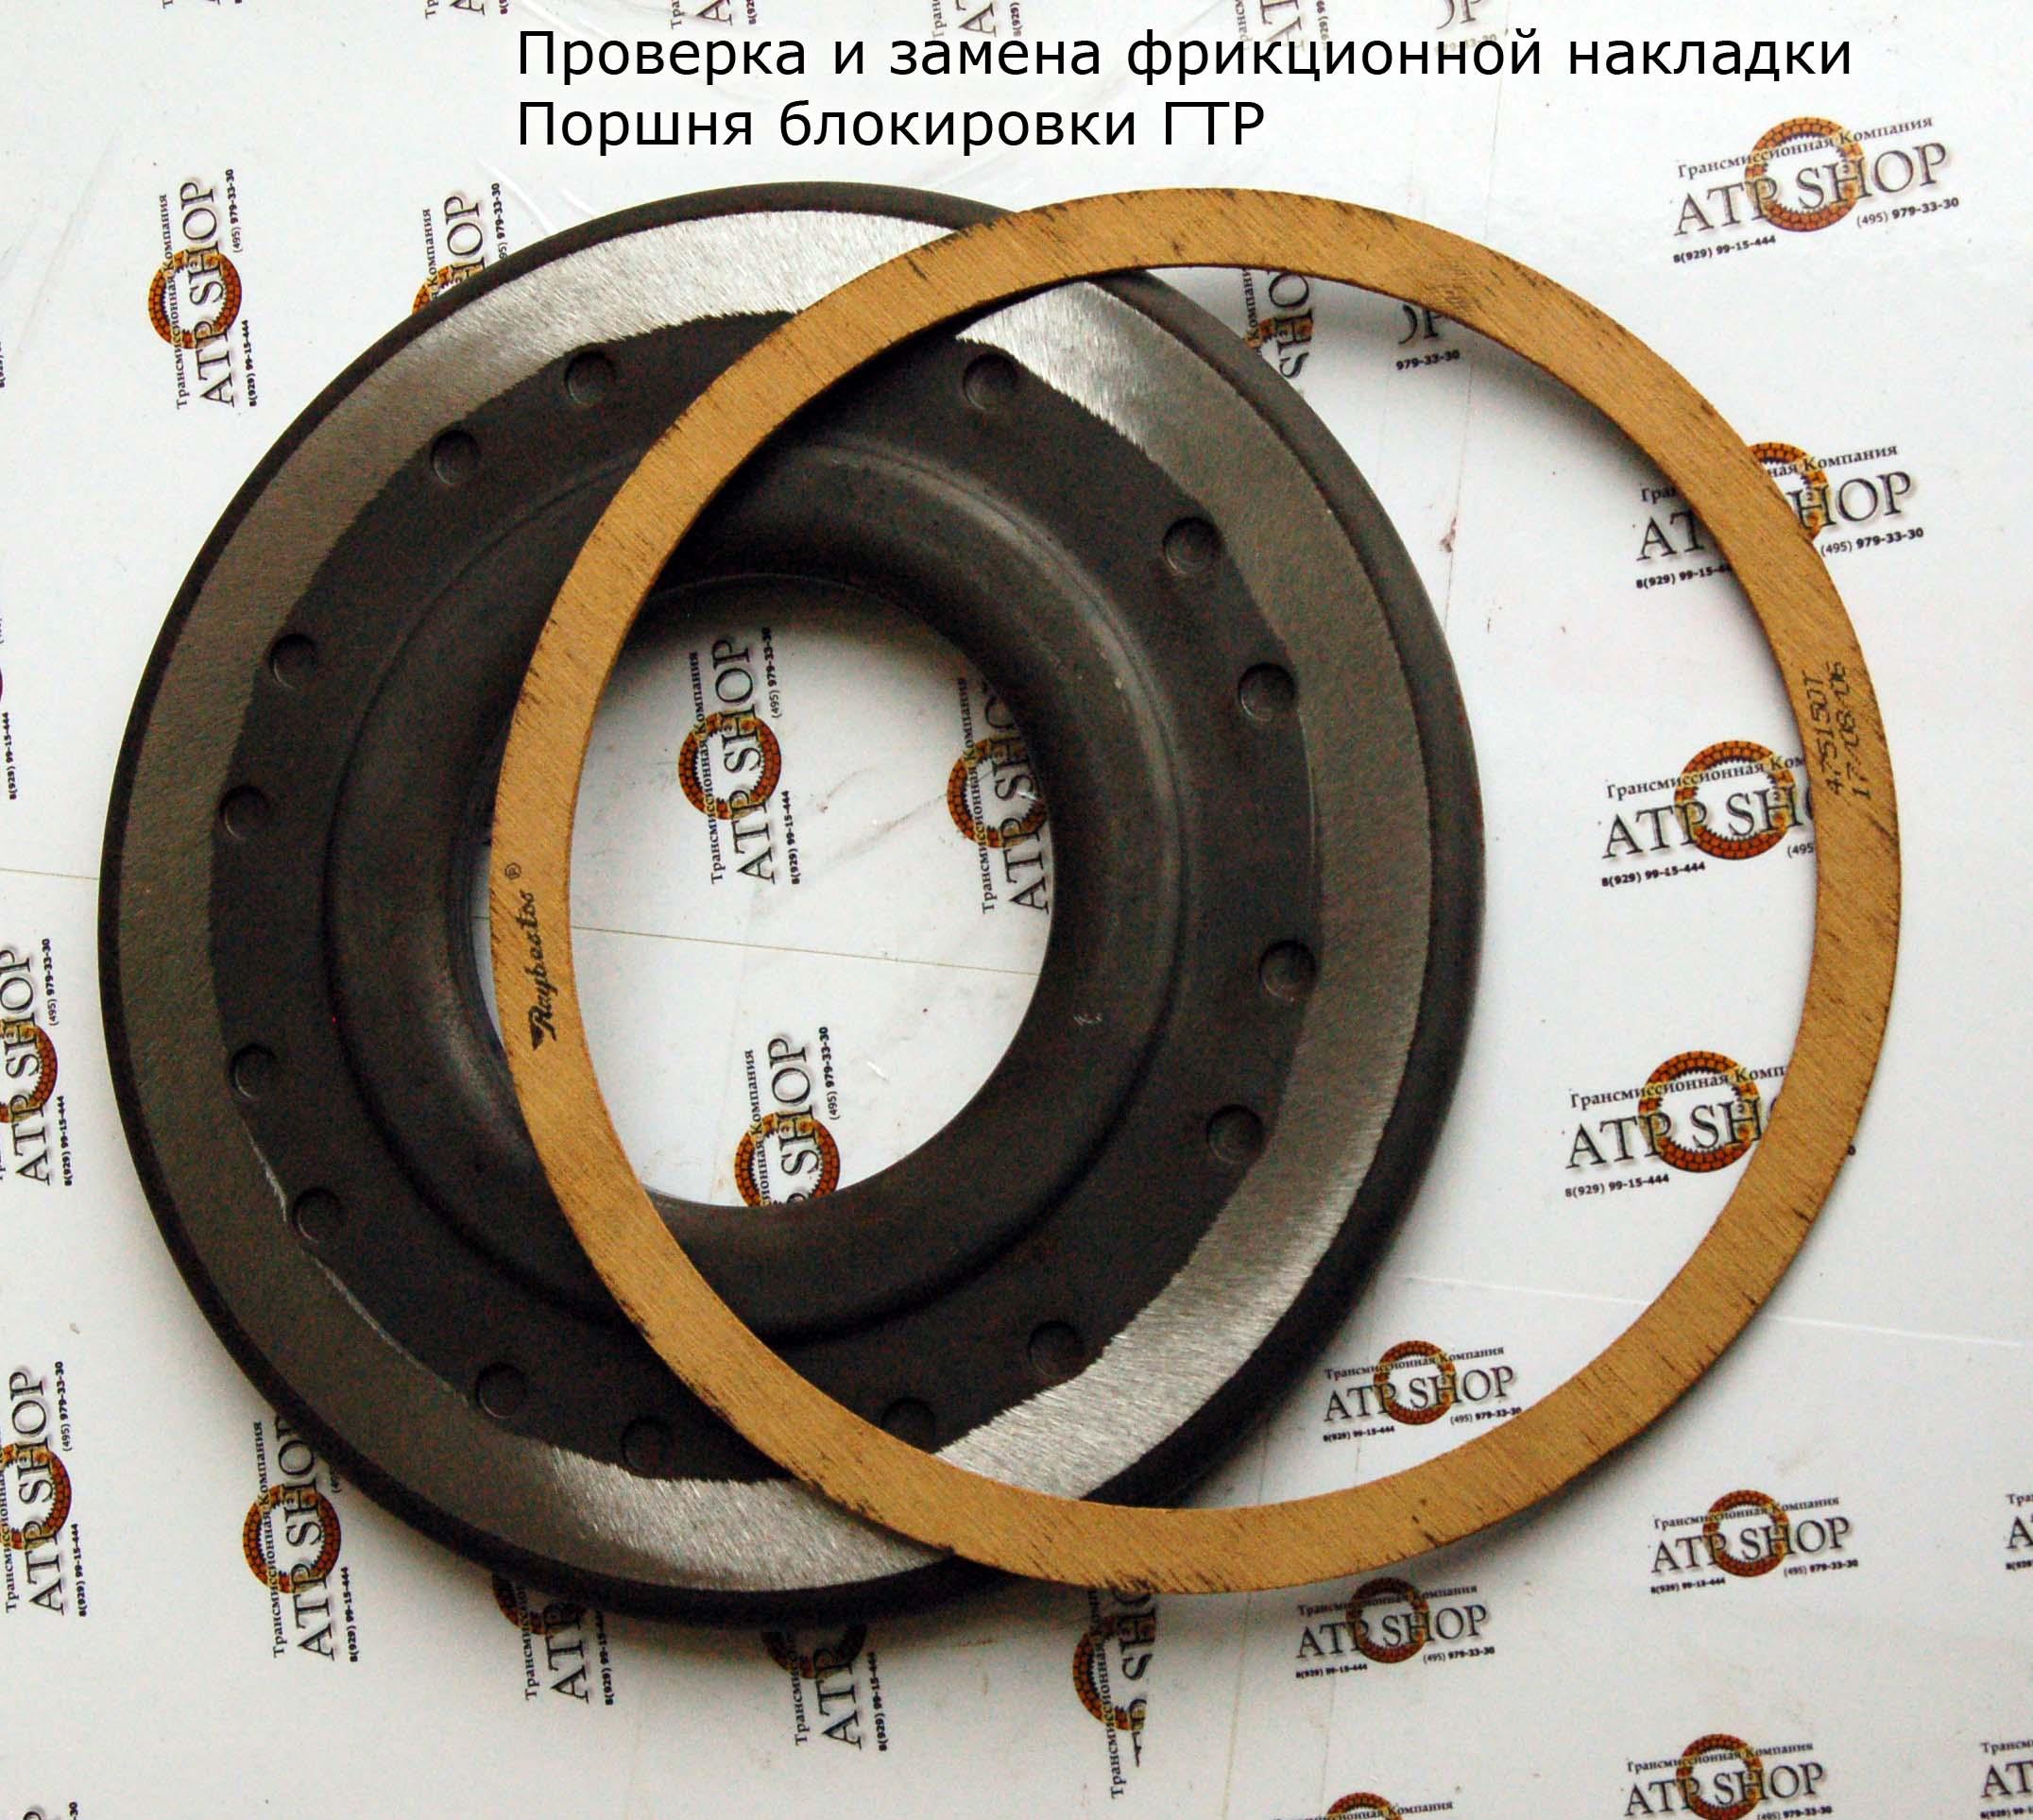 Гидротрансформатор Поршень и фрикцион блокировки